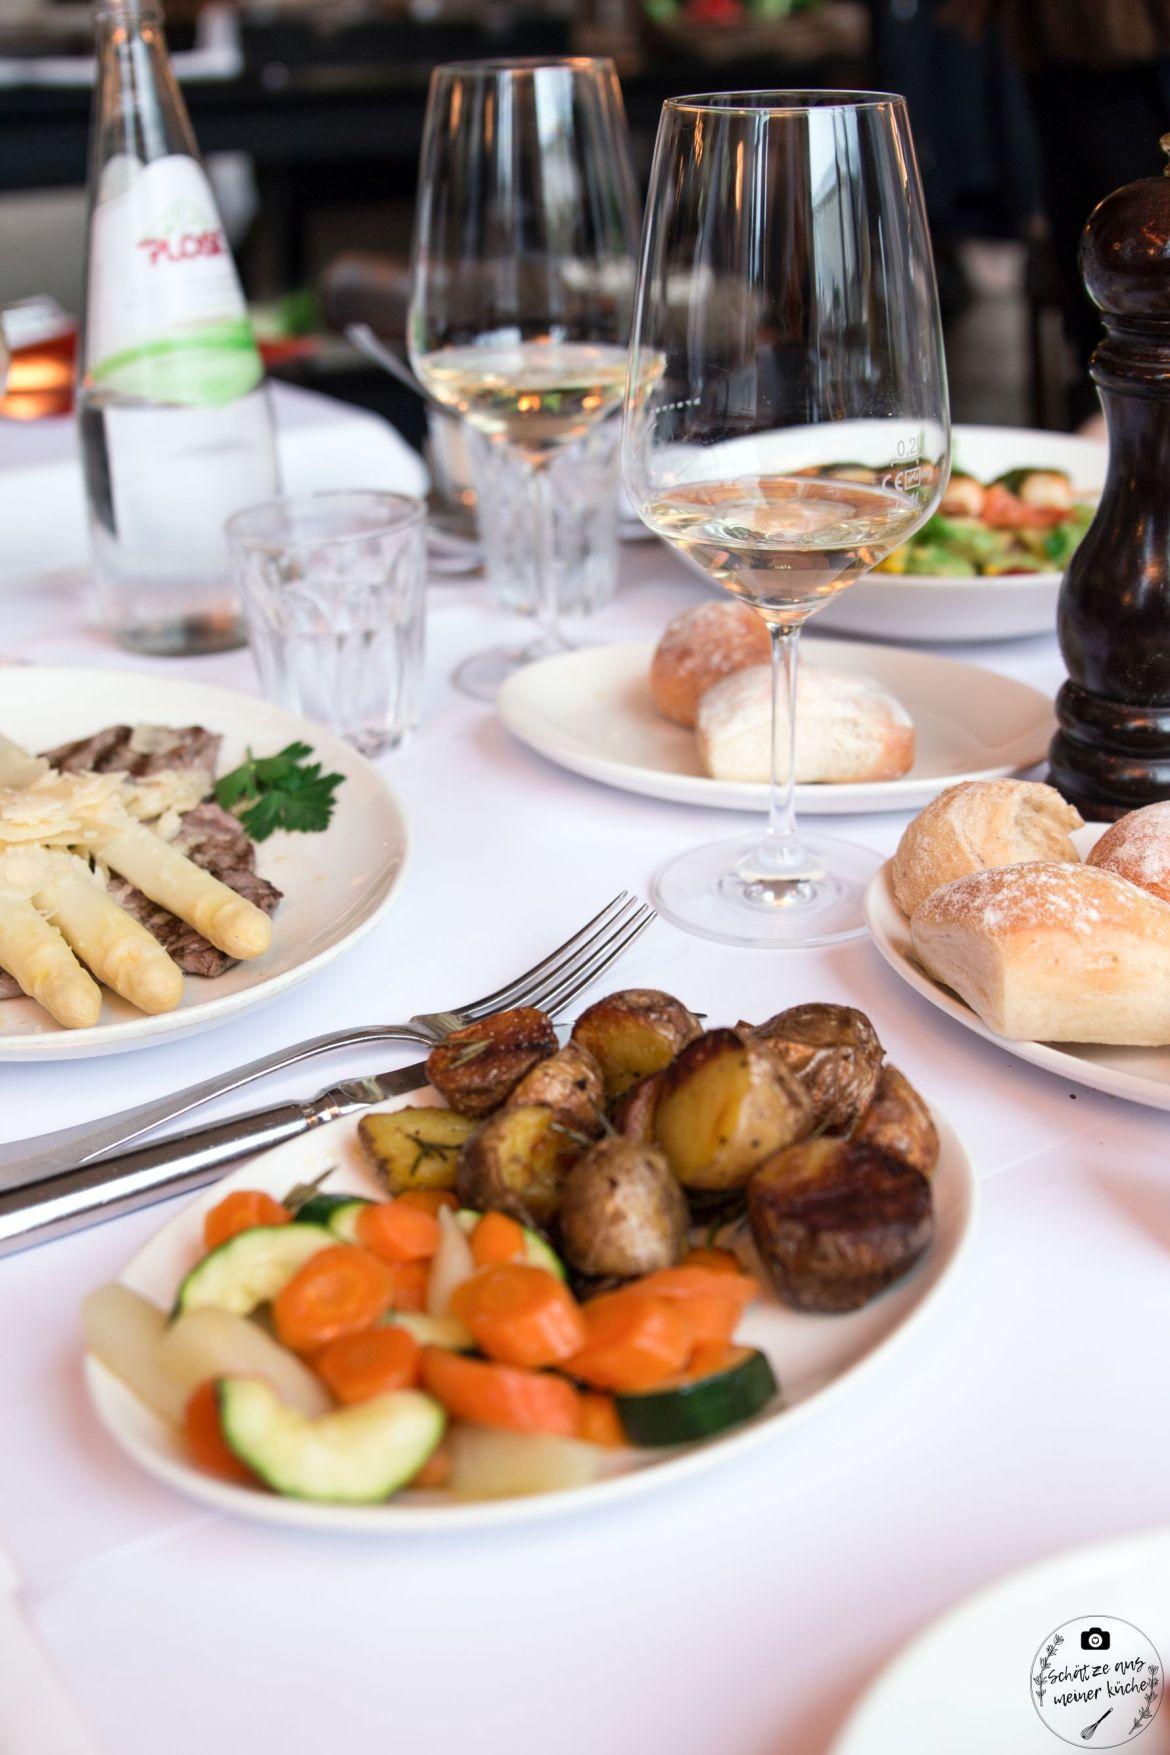 Piemonteser Rind Spargel Brenner Restaurant Grill Beilagen Rosmarinkartoffeln